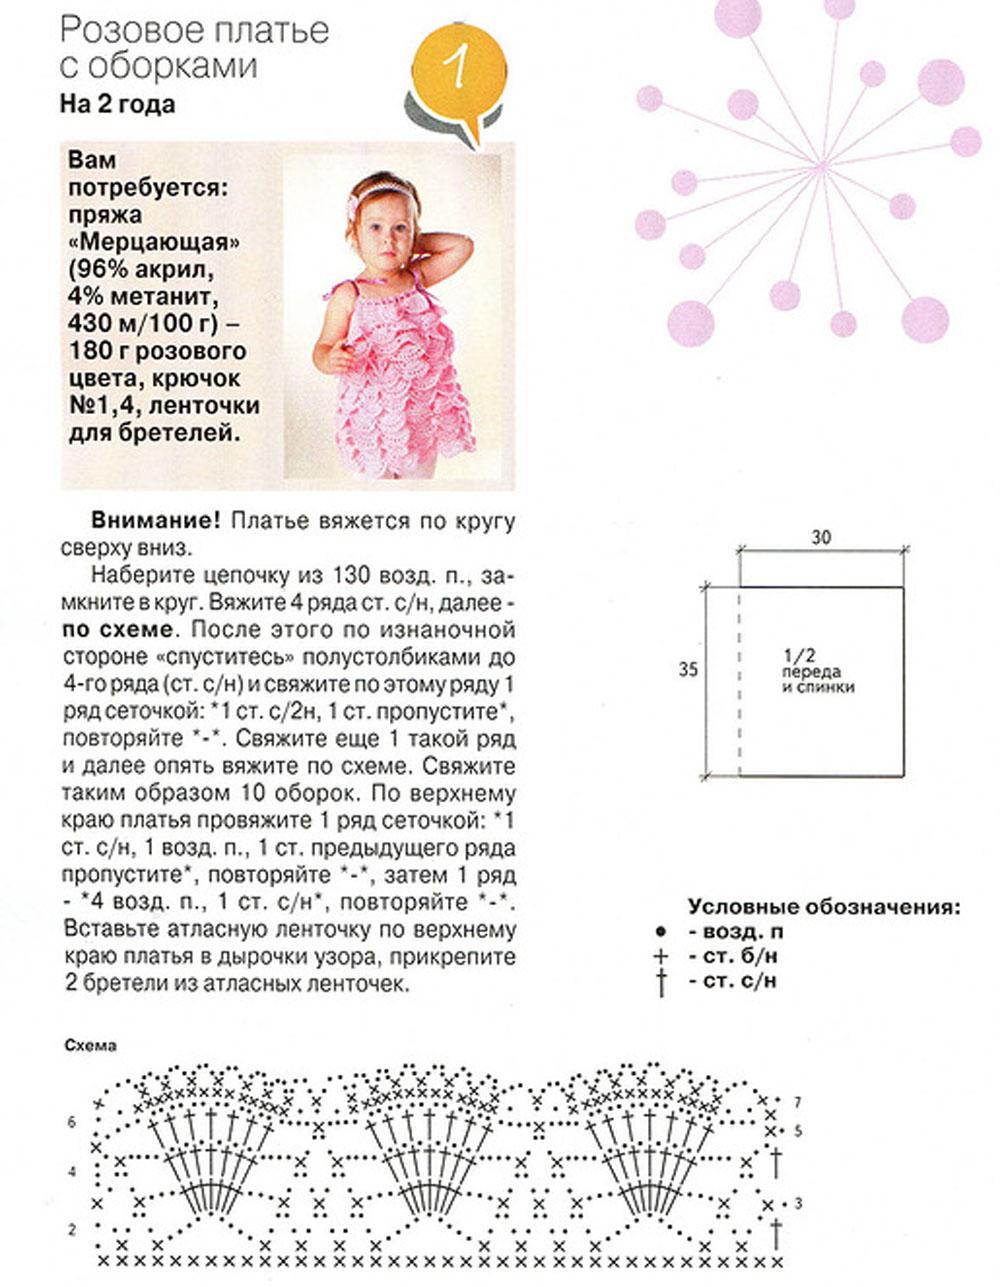 вязание платья крючком на 2 года платья детские модели для детей